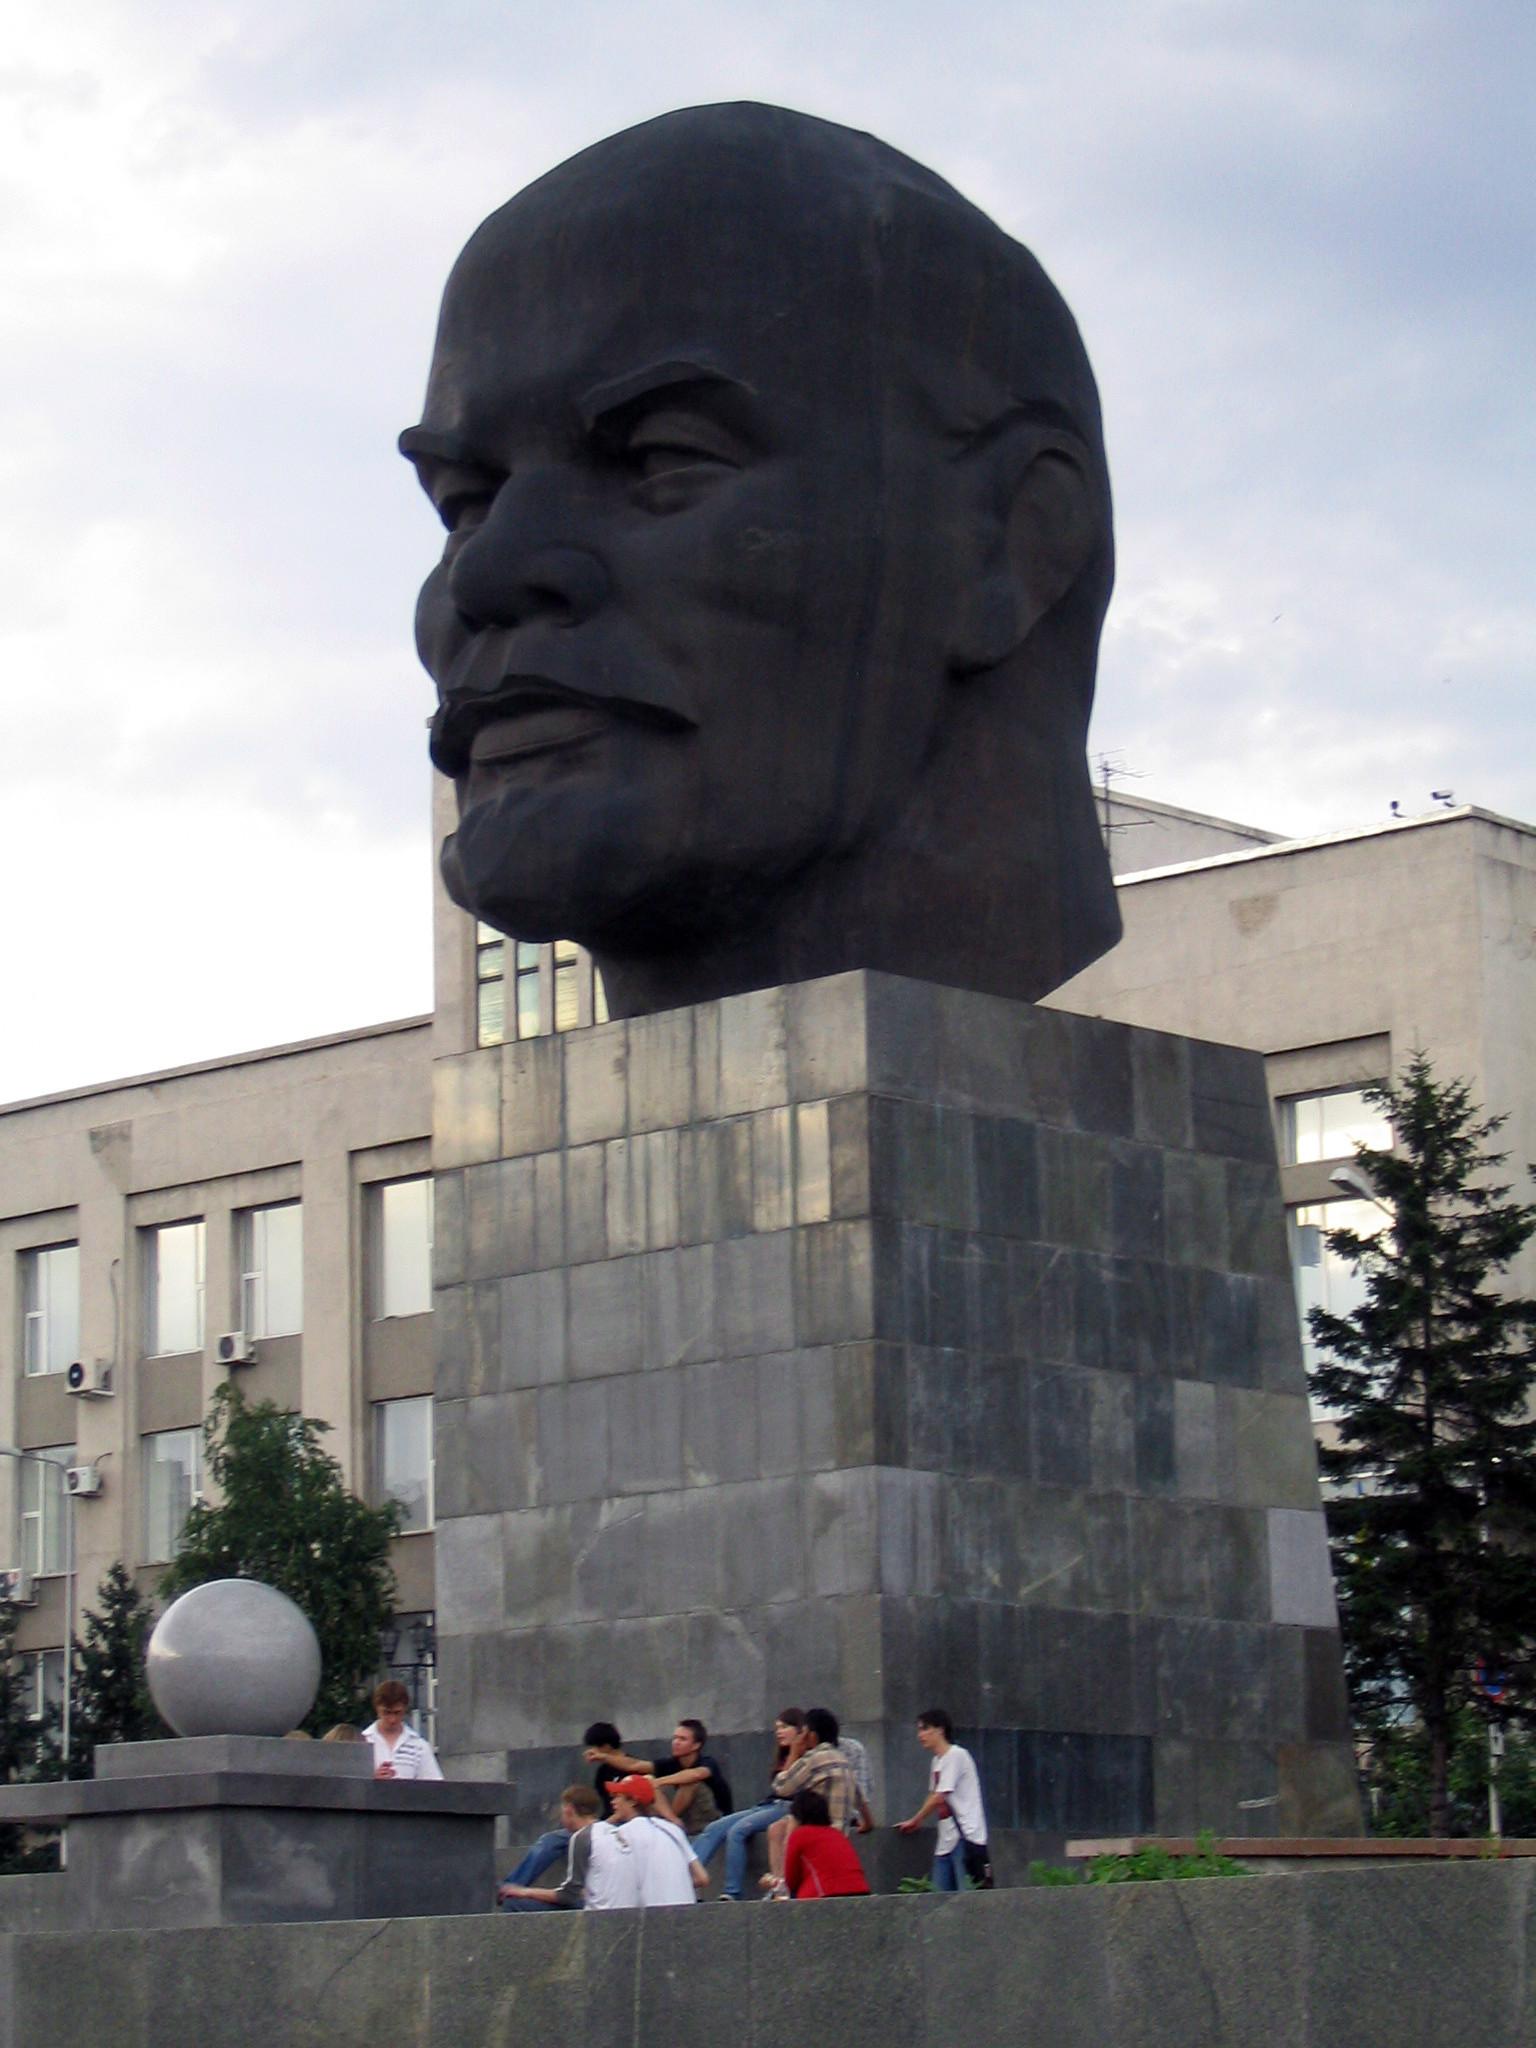 Največji Leninov kip na svetu (Ulan-Ude, Burjatija, Rusija).